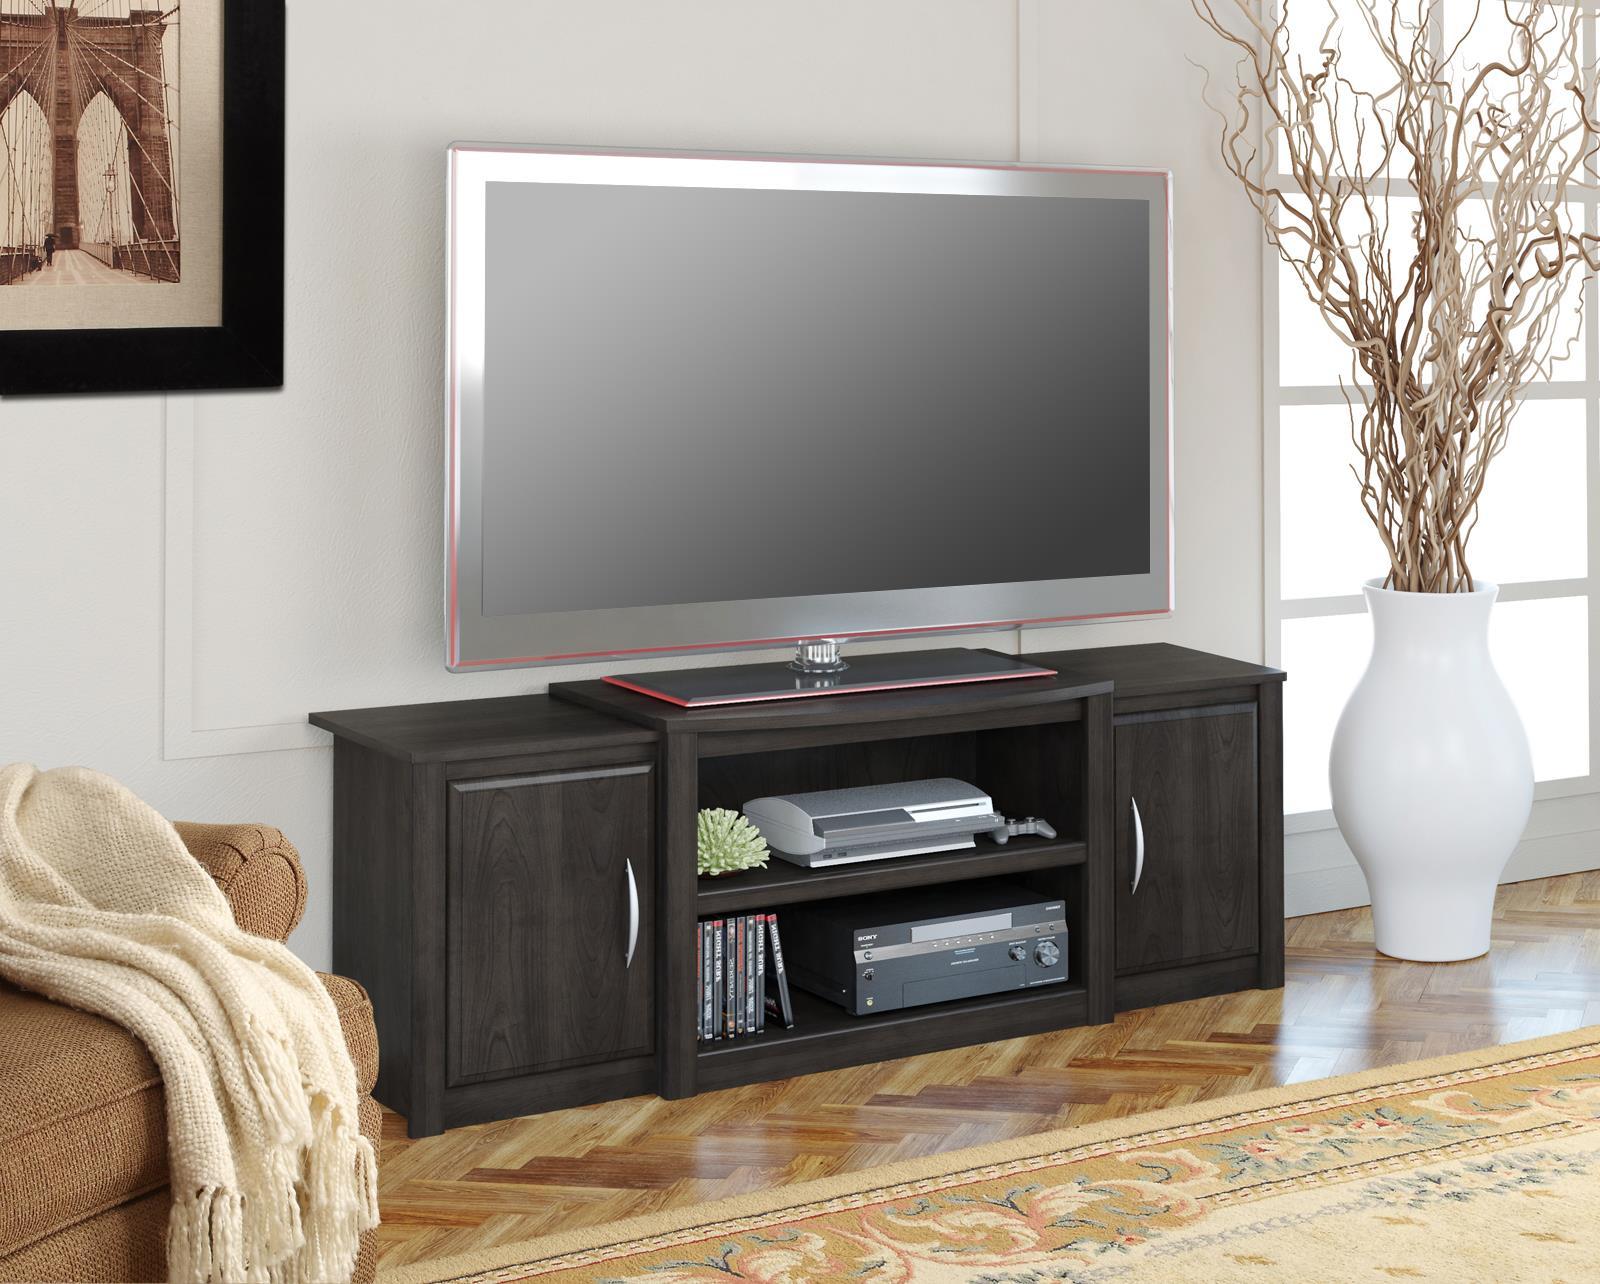 Sumner Dark Russet Cherry Tv Stand For Tvs Up To 60 Walmart Com Walmart Com